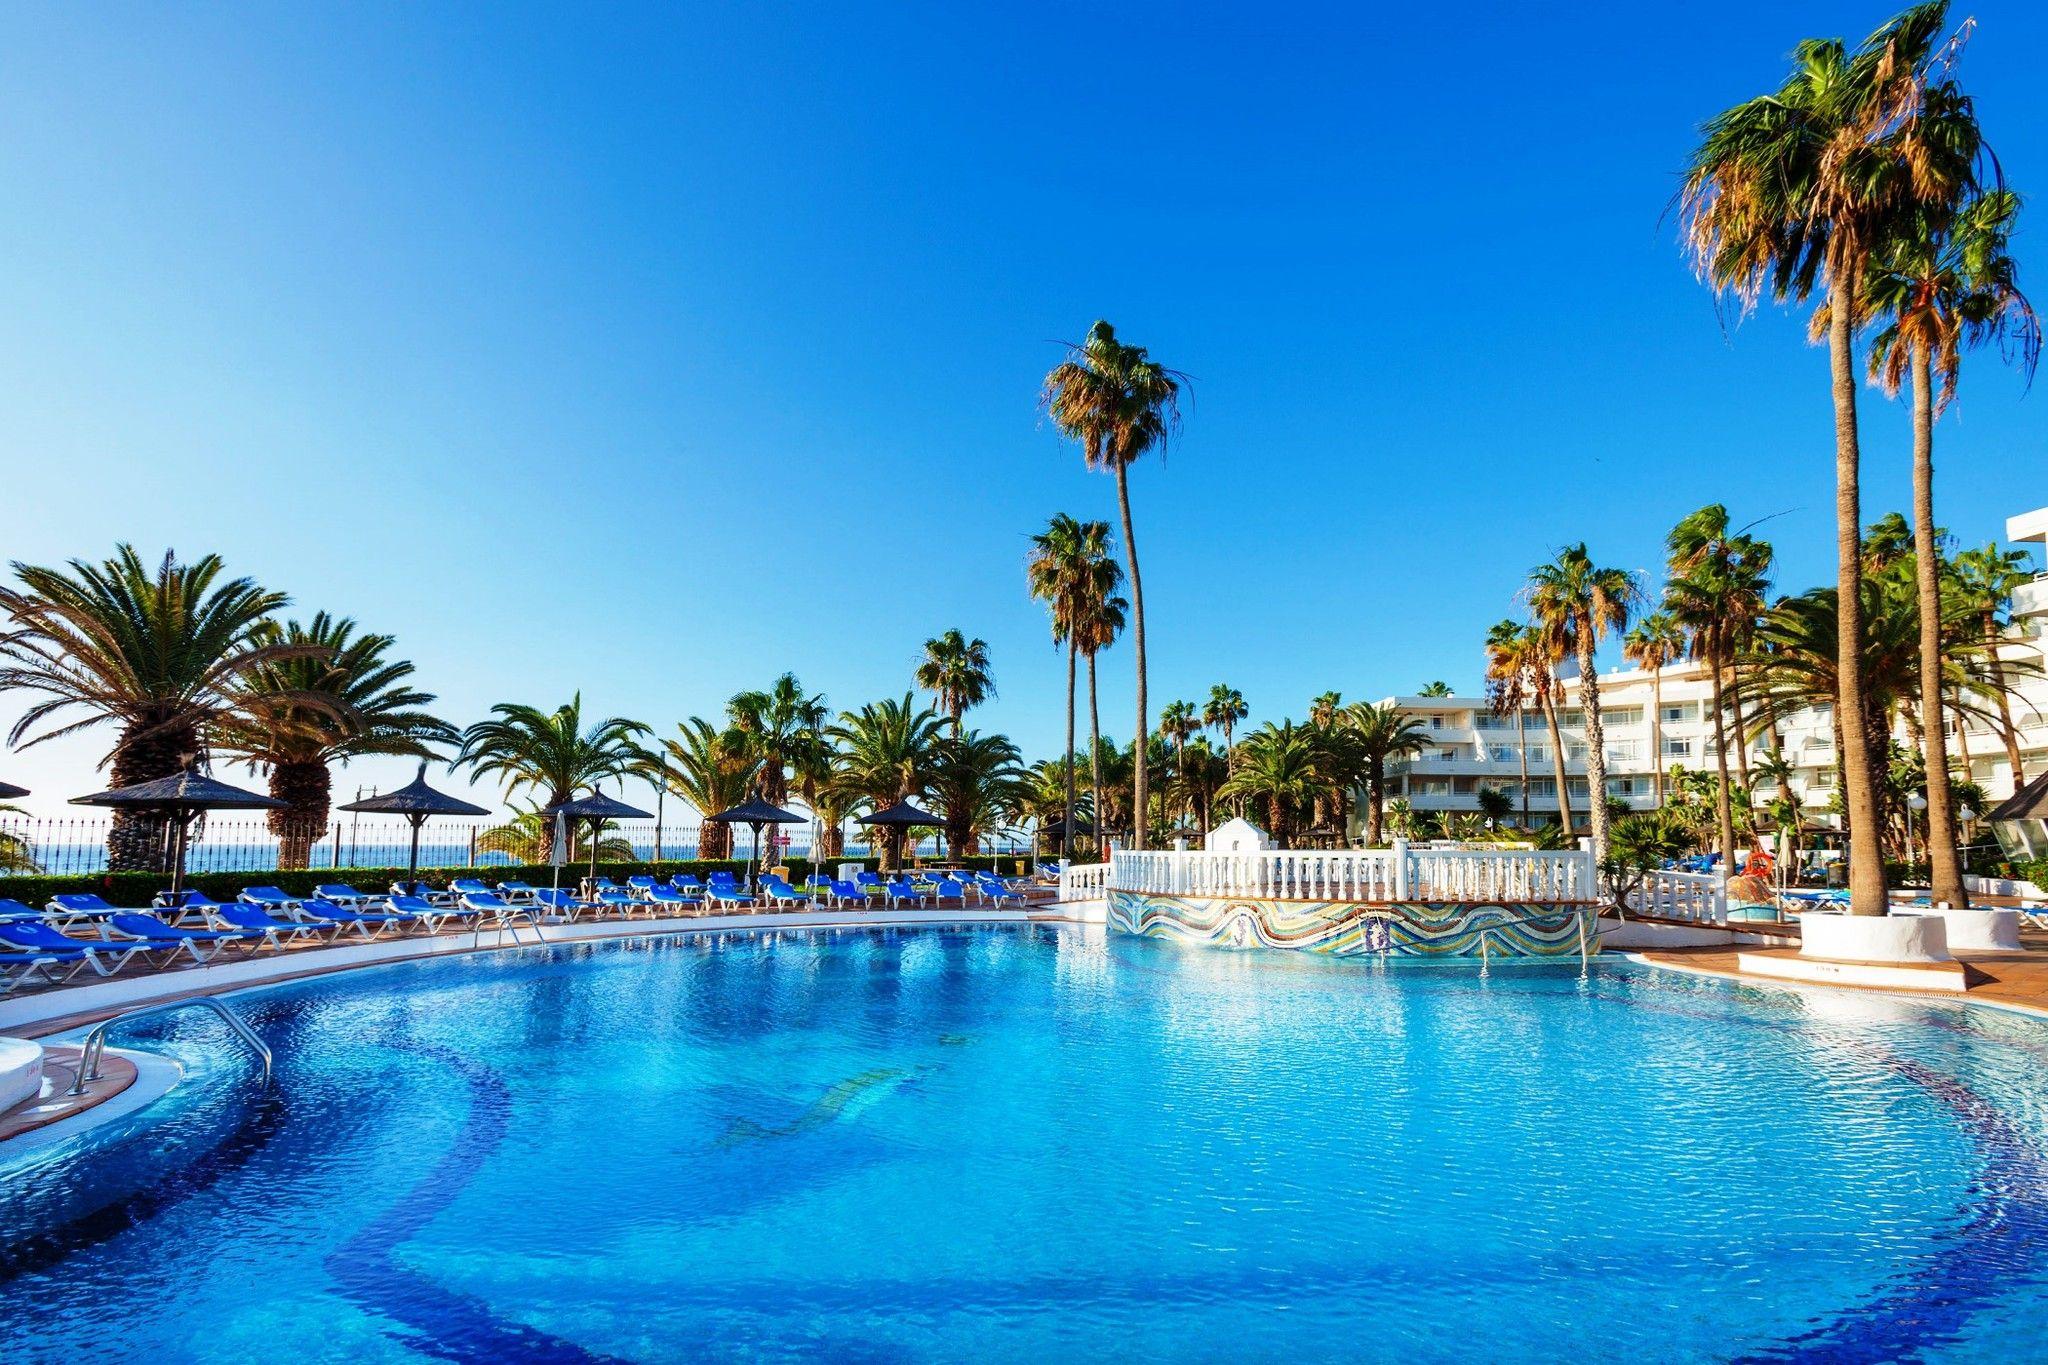 Sol Lanzarote All Inclusive - Matagorda Hotels in Lanzarote